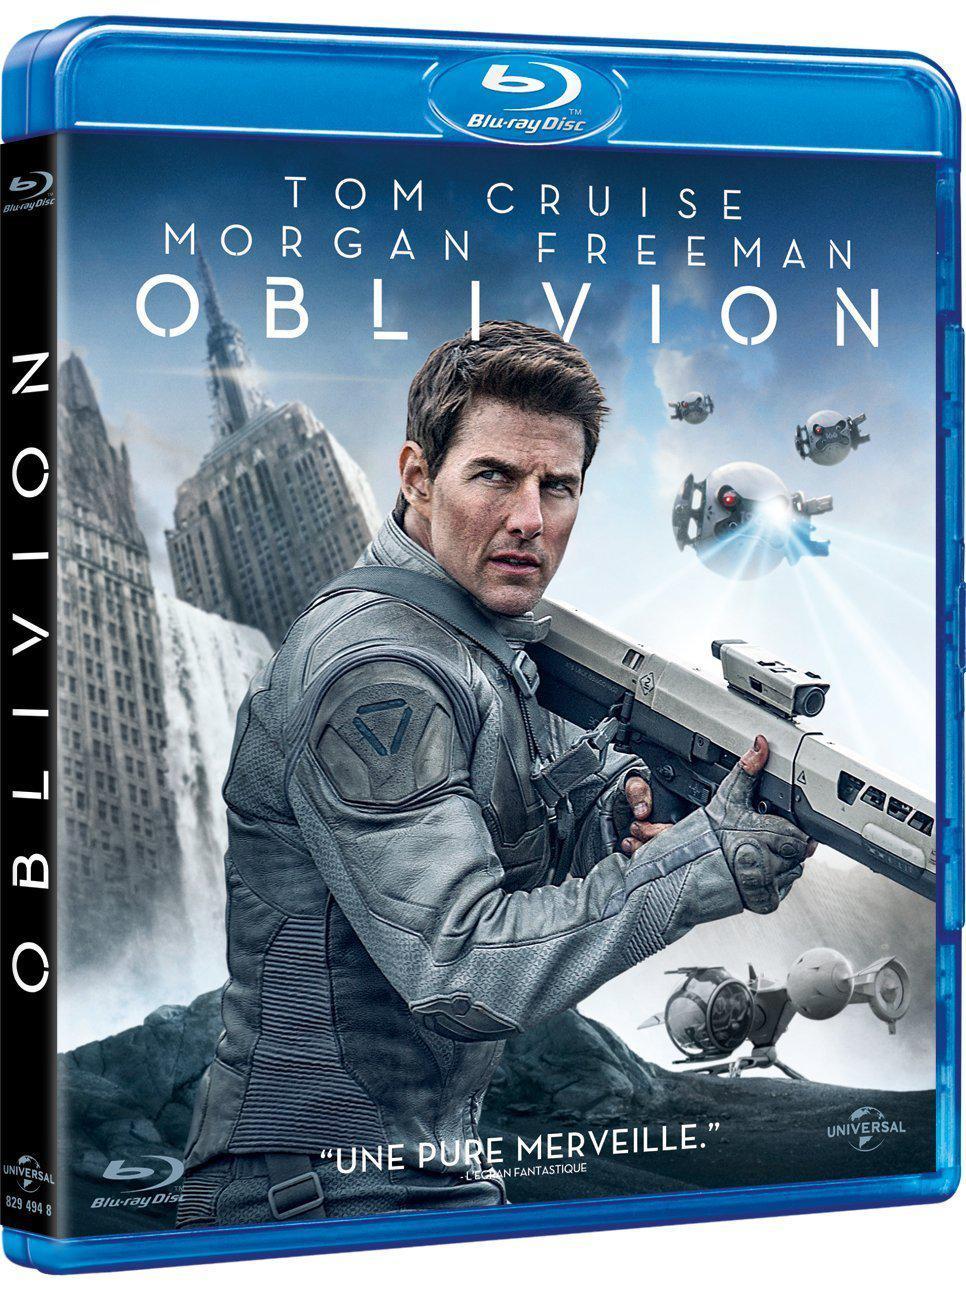 Jusqu'à 75% de réduction sur une sélection de DVD/Blu-ray - Ex : Blu-ray Oblivion